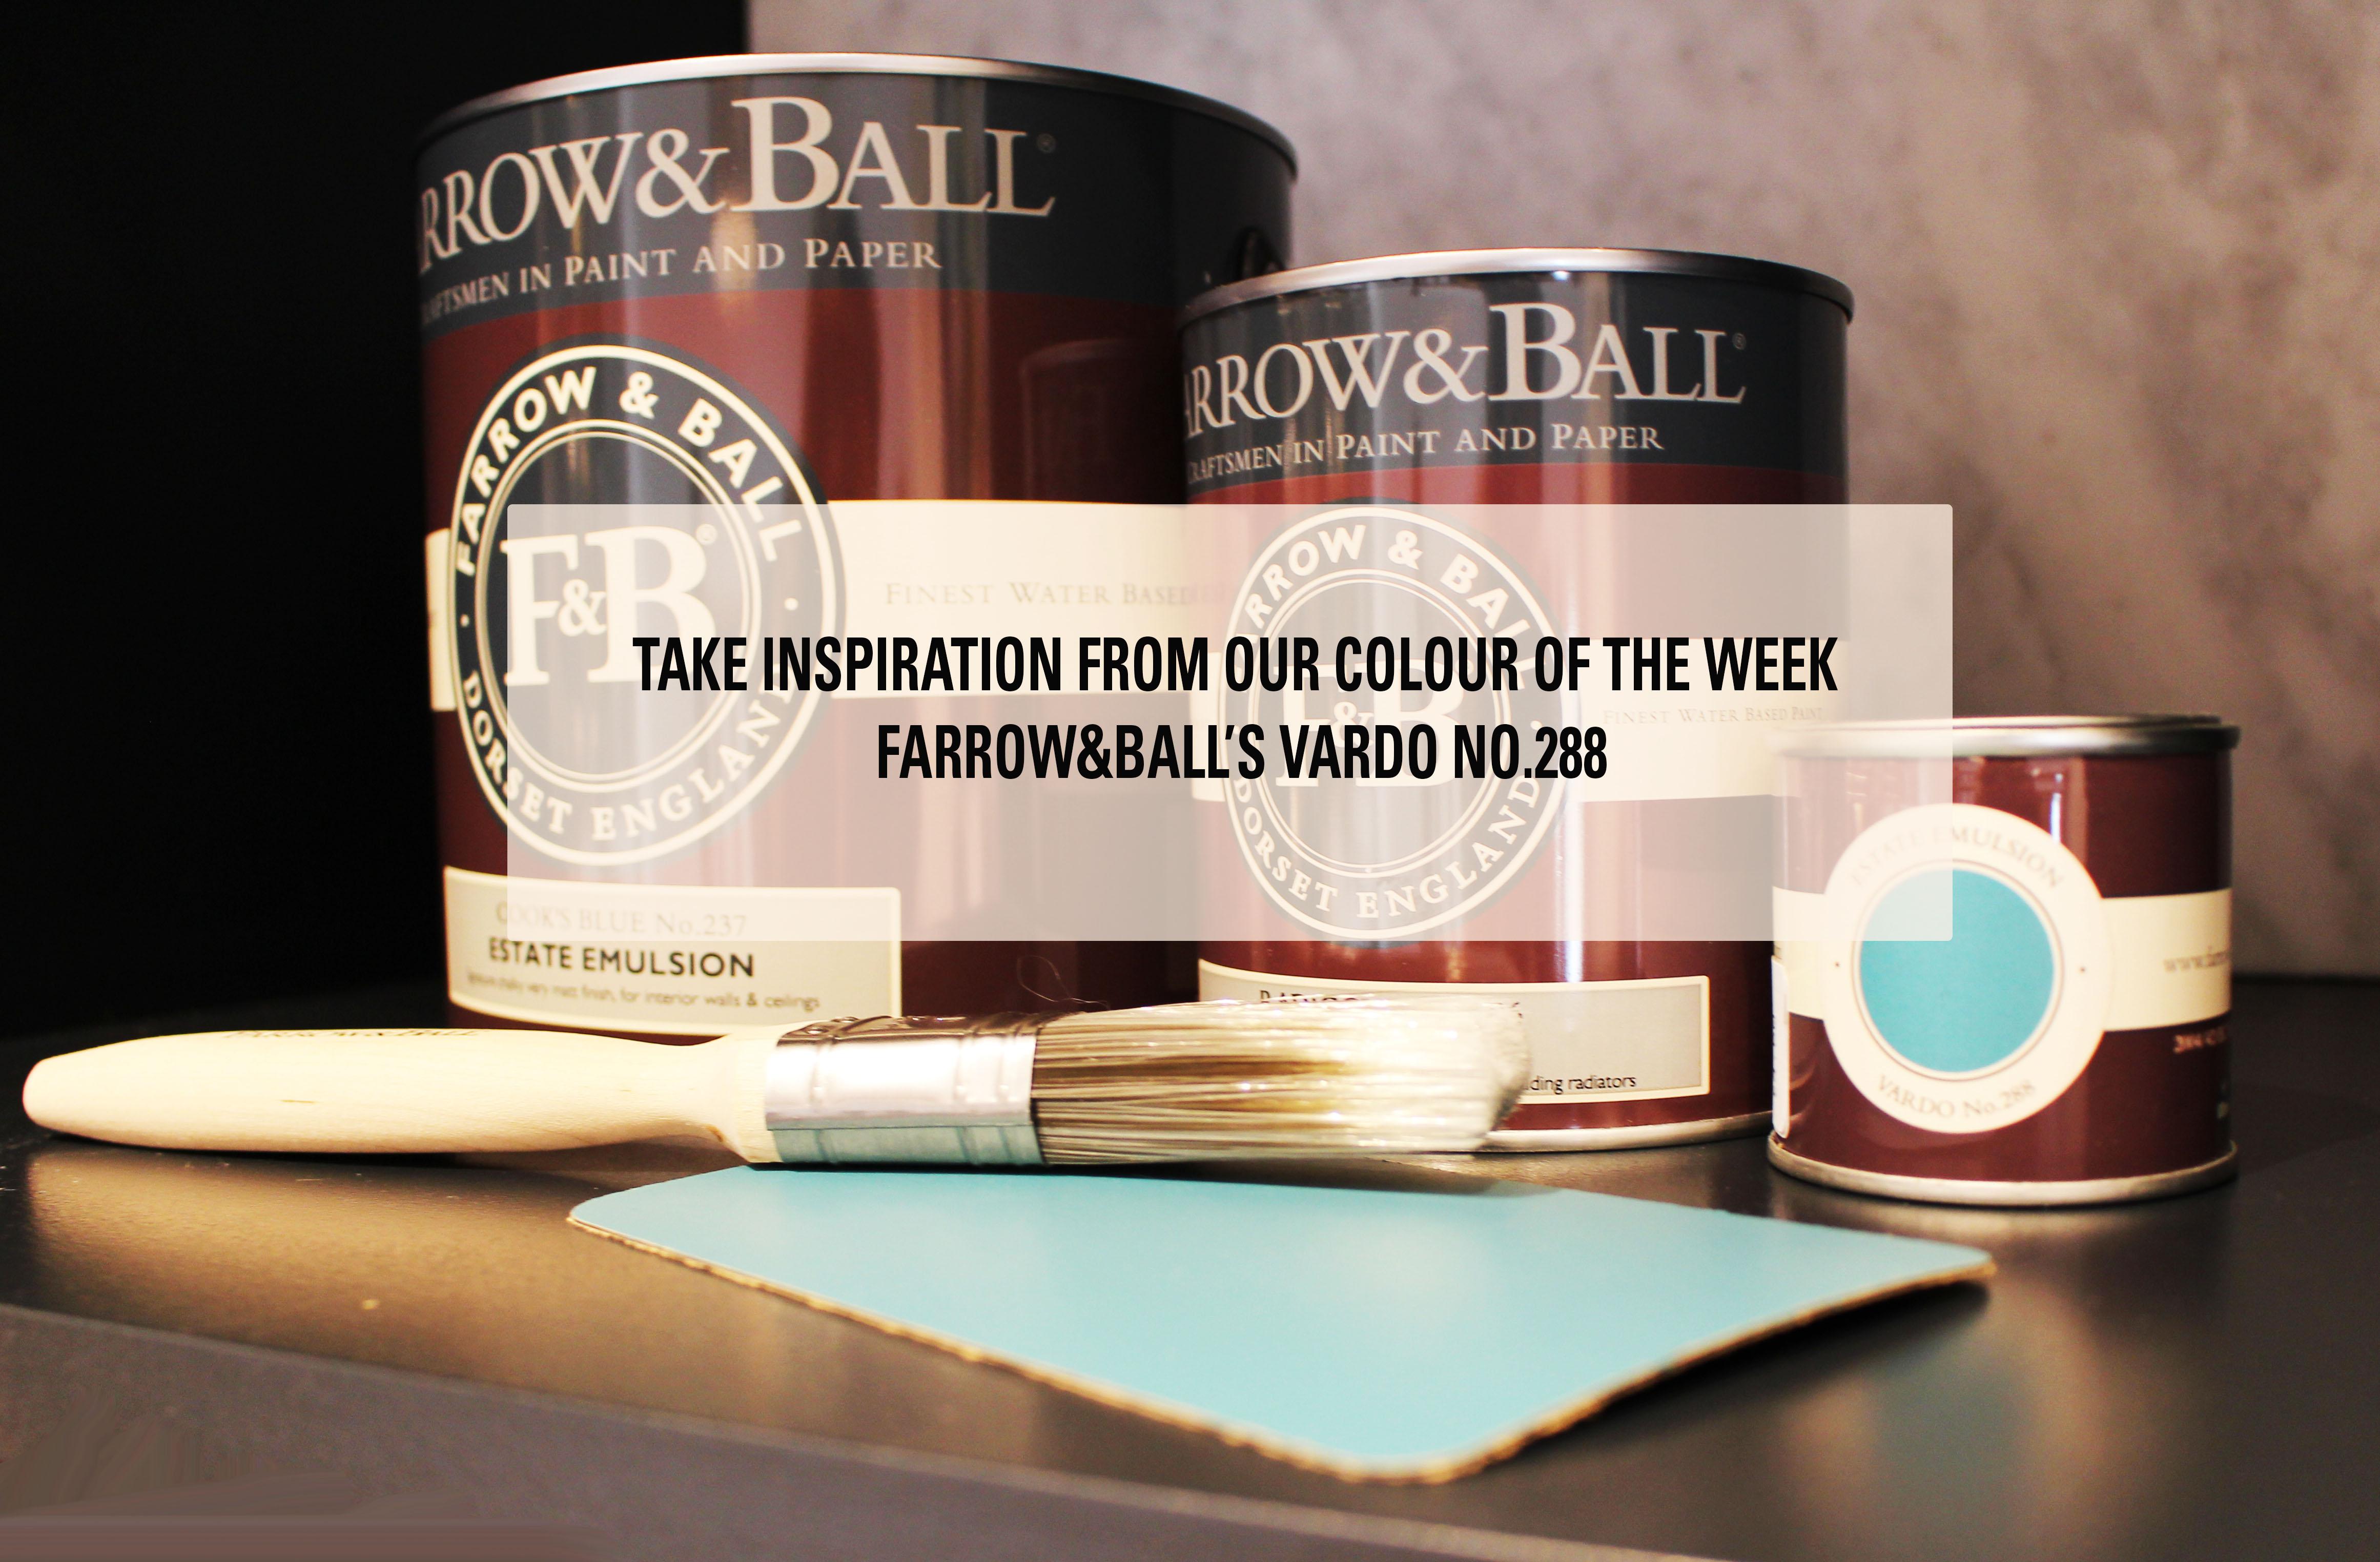 farrow&ball. decoration, vardo, teal, teal blue